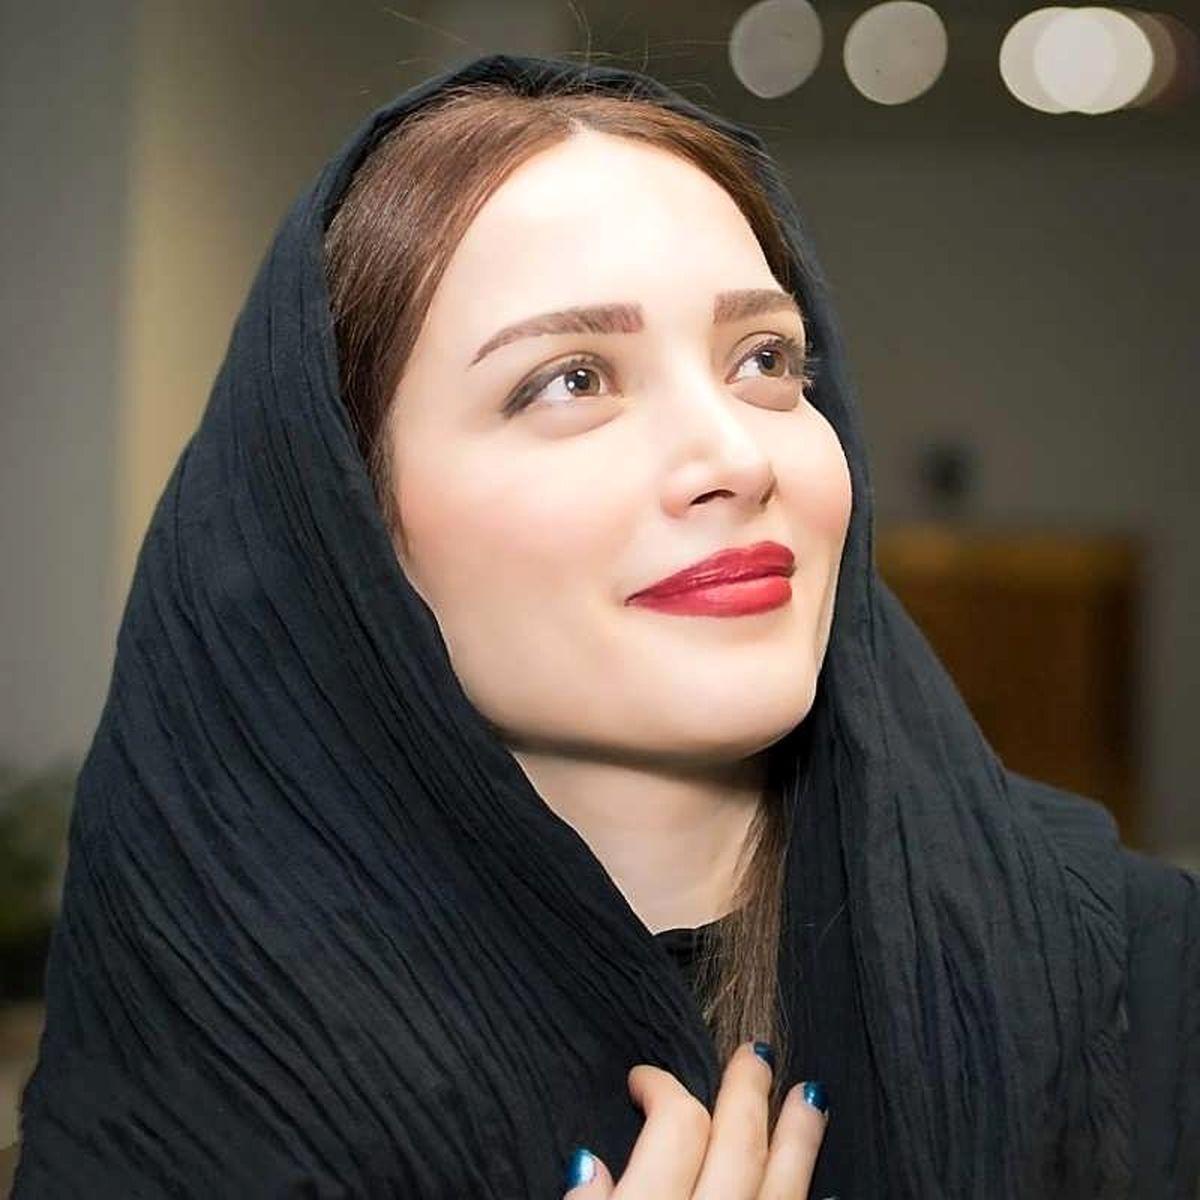 رقصیدن بهنوش طباطبایی همسر سابق مهدی پاکدل جلوی دوربین + فیلم